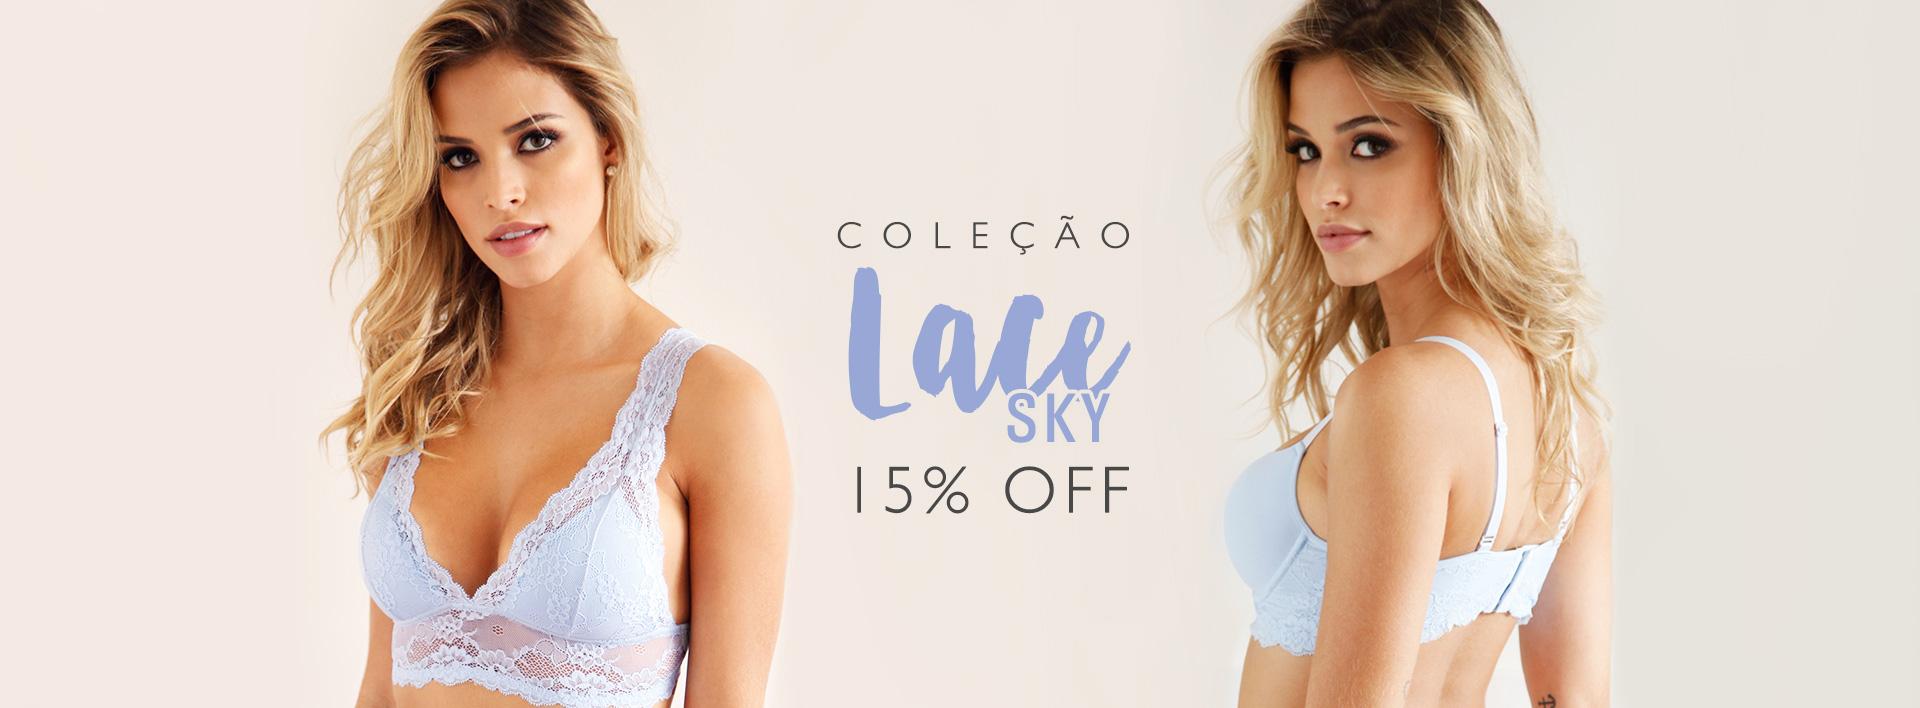 15% off lace sky